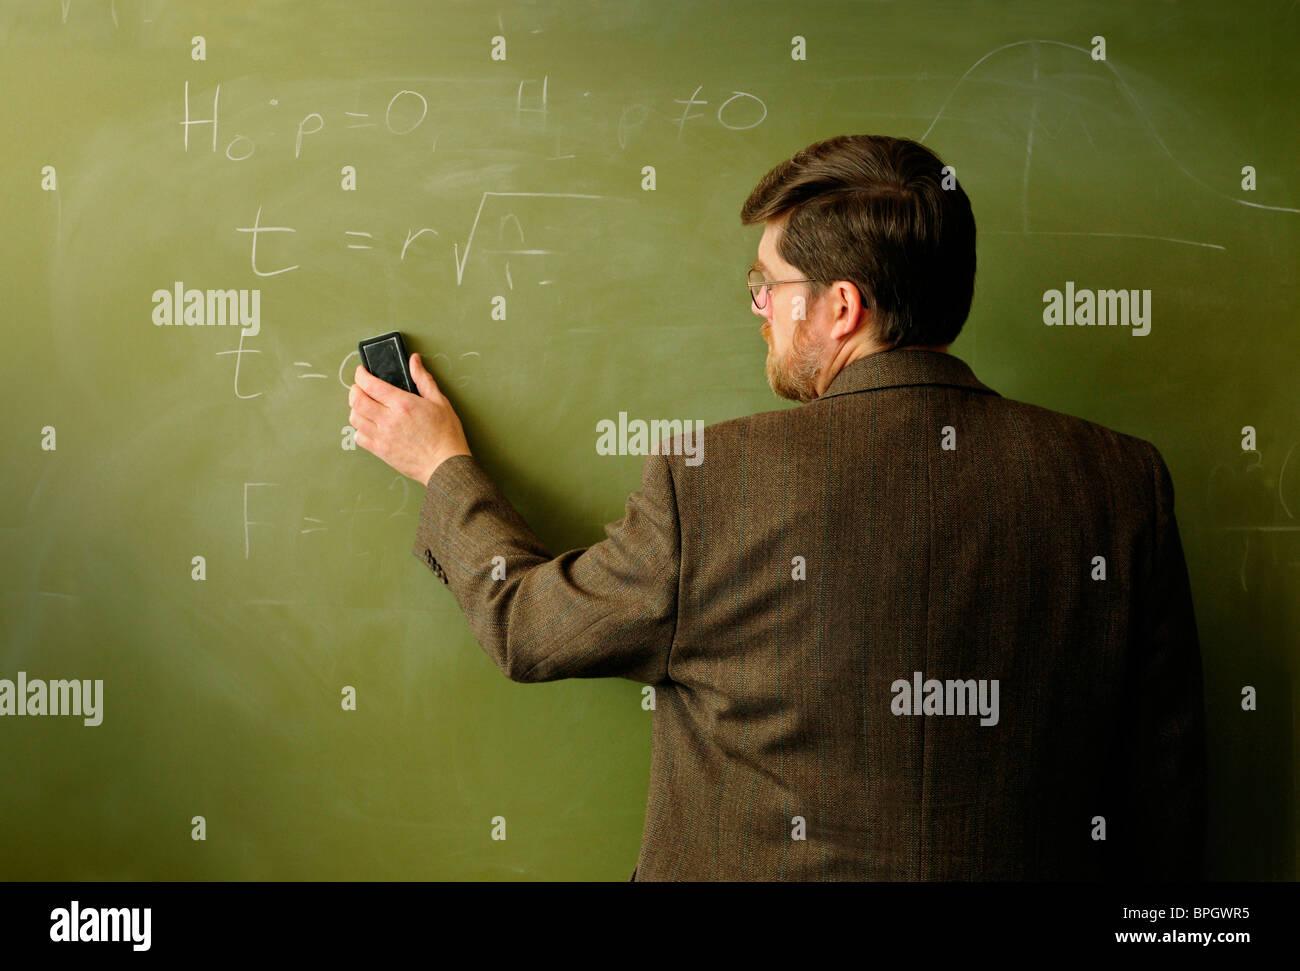 Lehrer, die mathematische Formel aus grünen Tafel löschen Stockbild